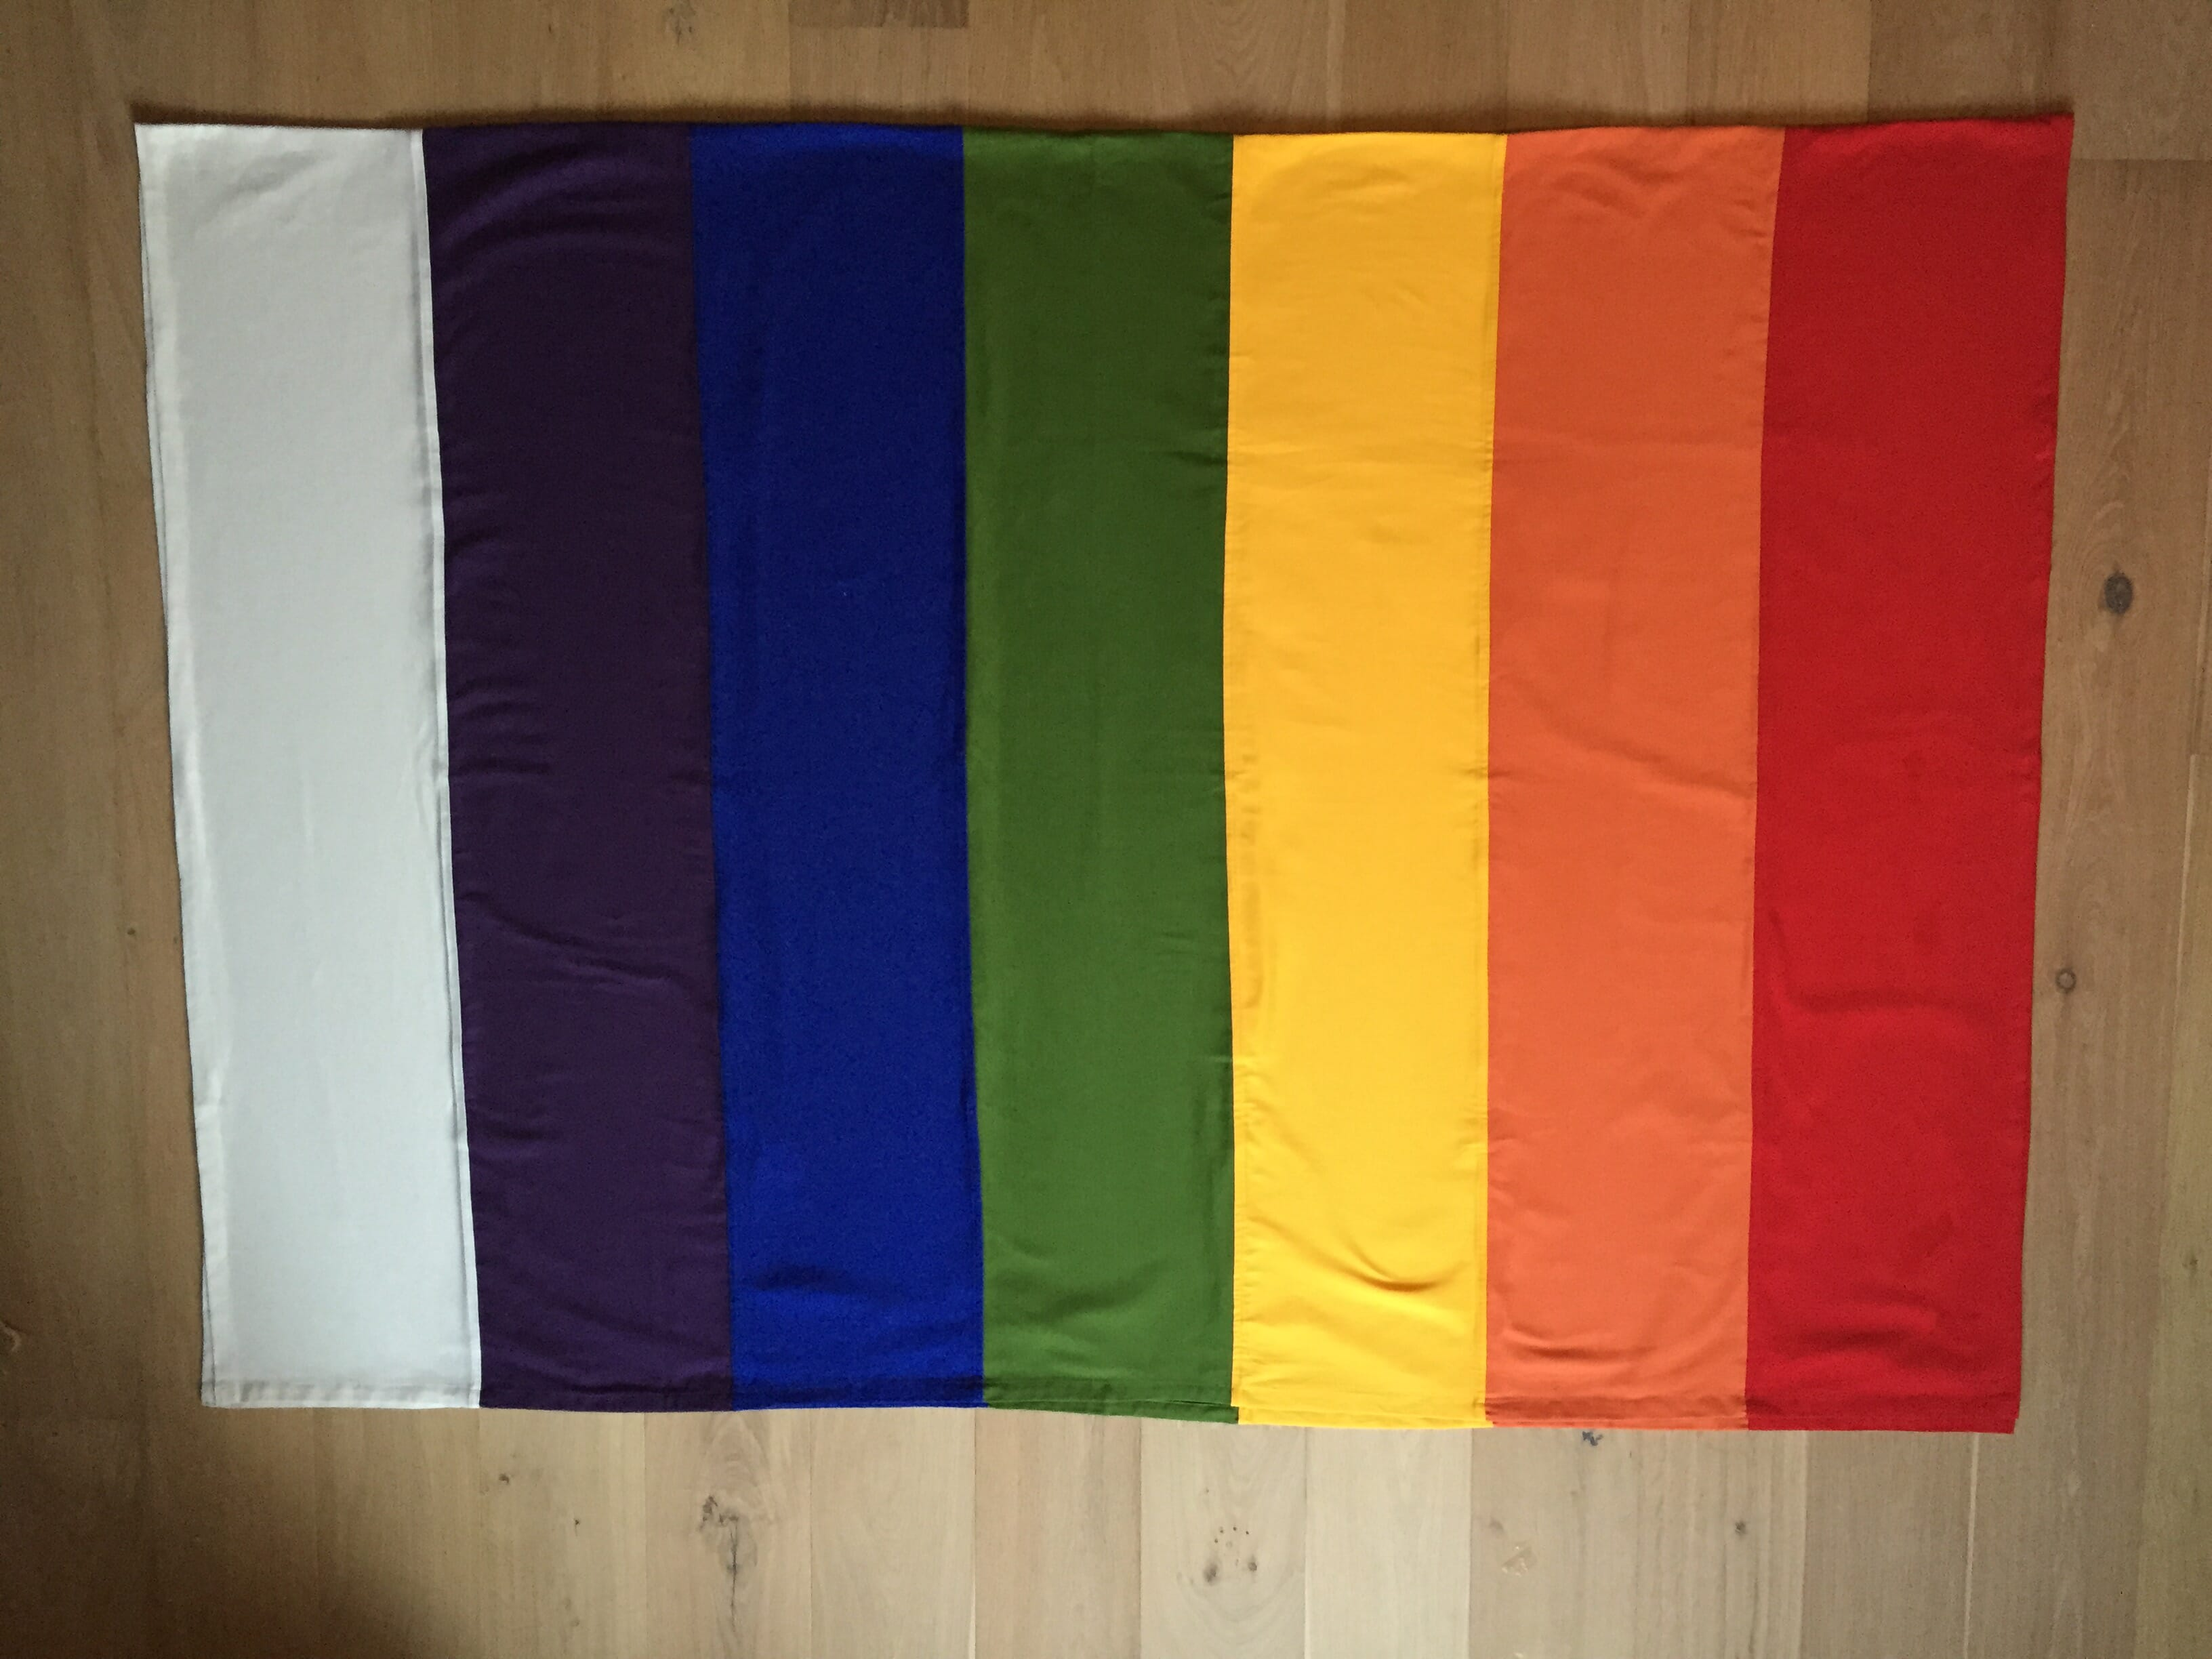 regenboog lijkwade